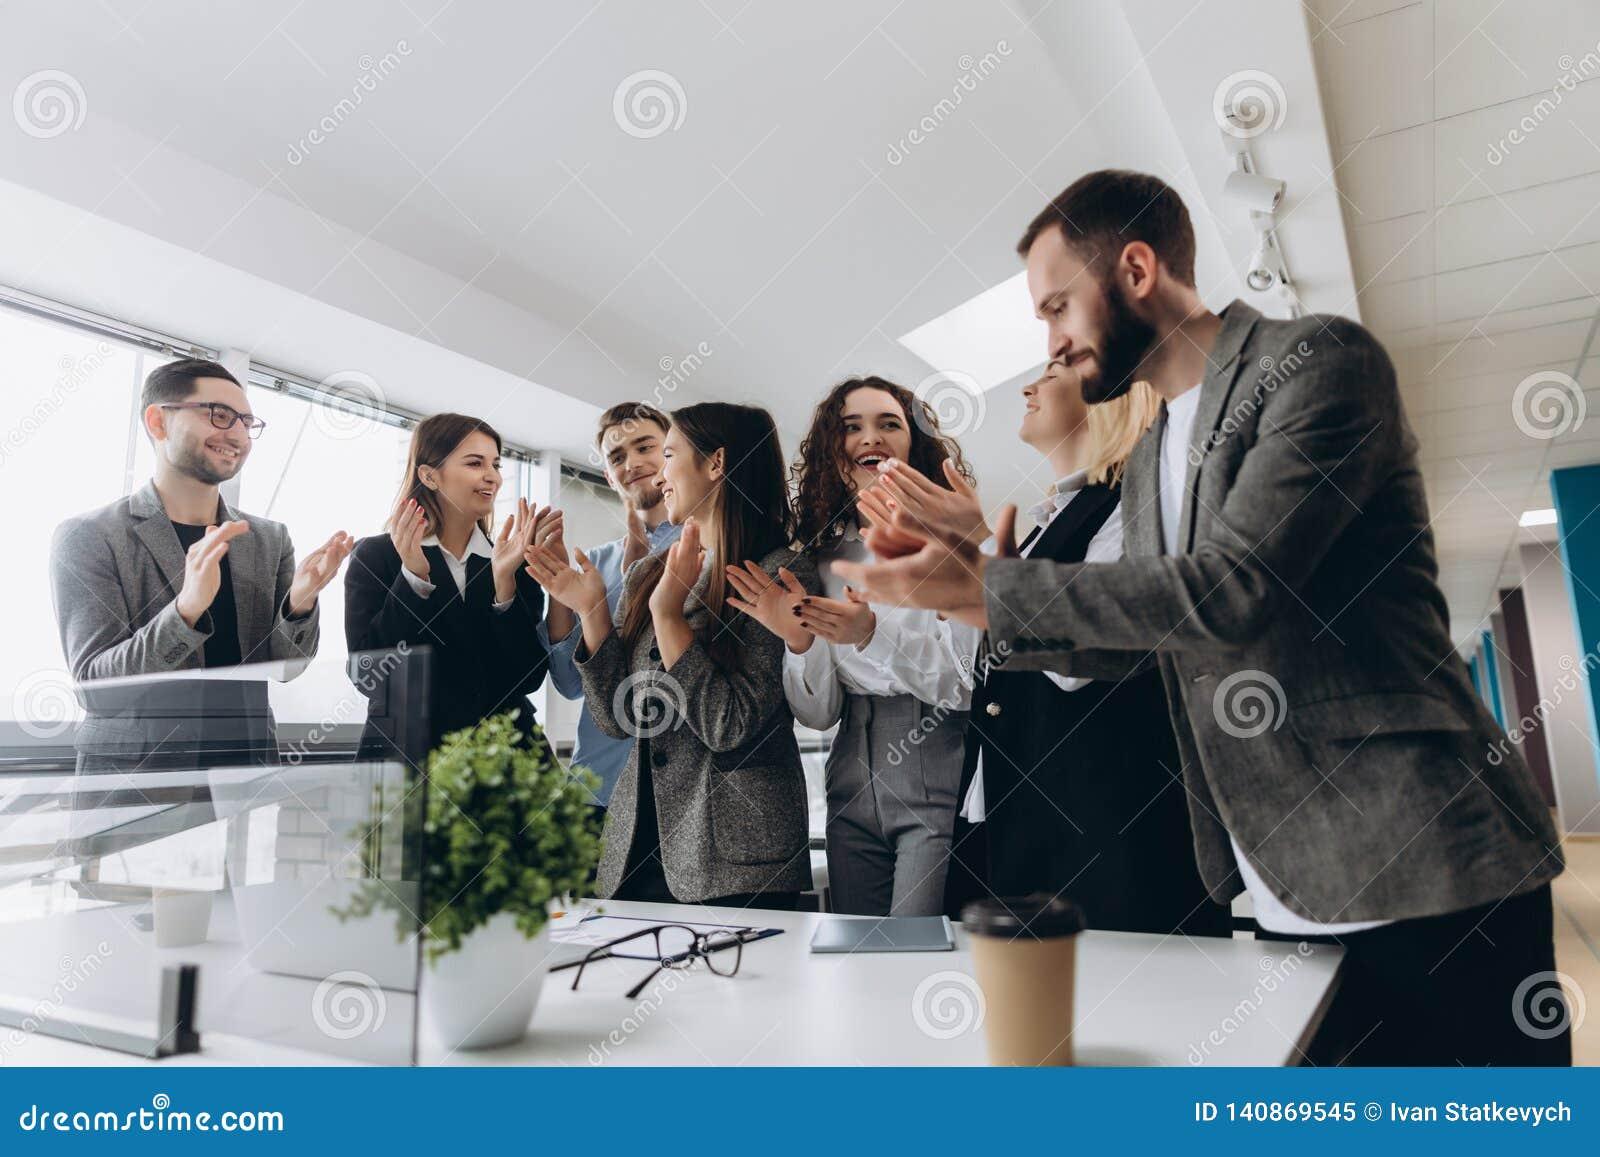 Multiraciale groep bedrijfsmensen die handen slaan om hun werkgever geluk te wensen - Bedrijfteam, staande ovatie na a